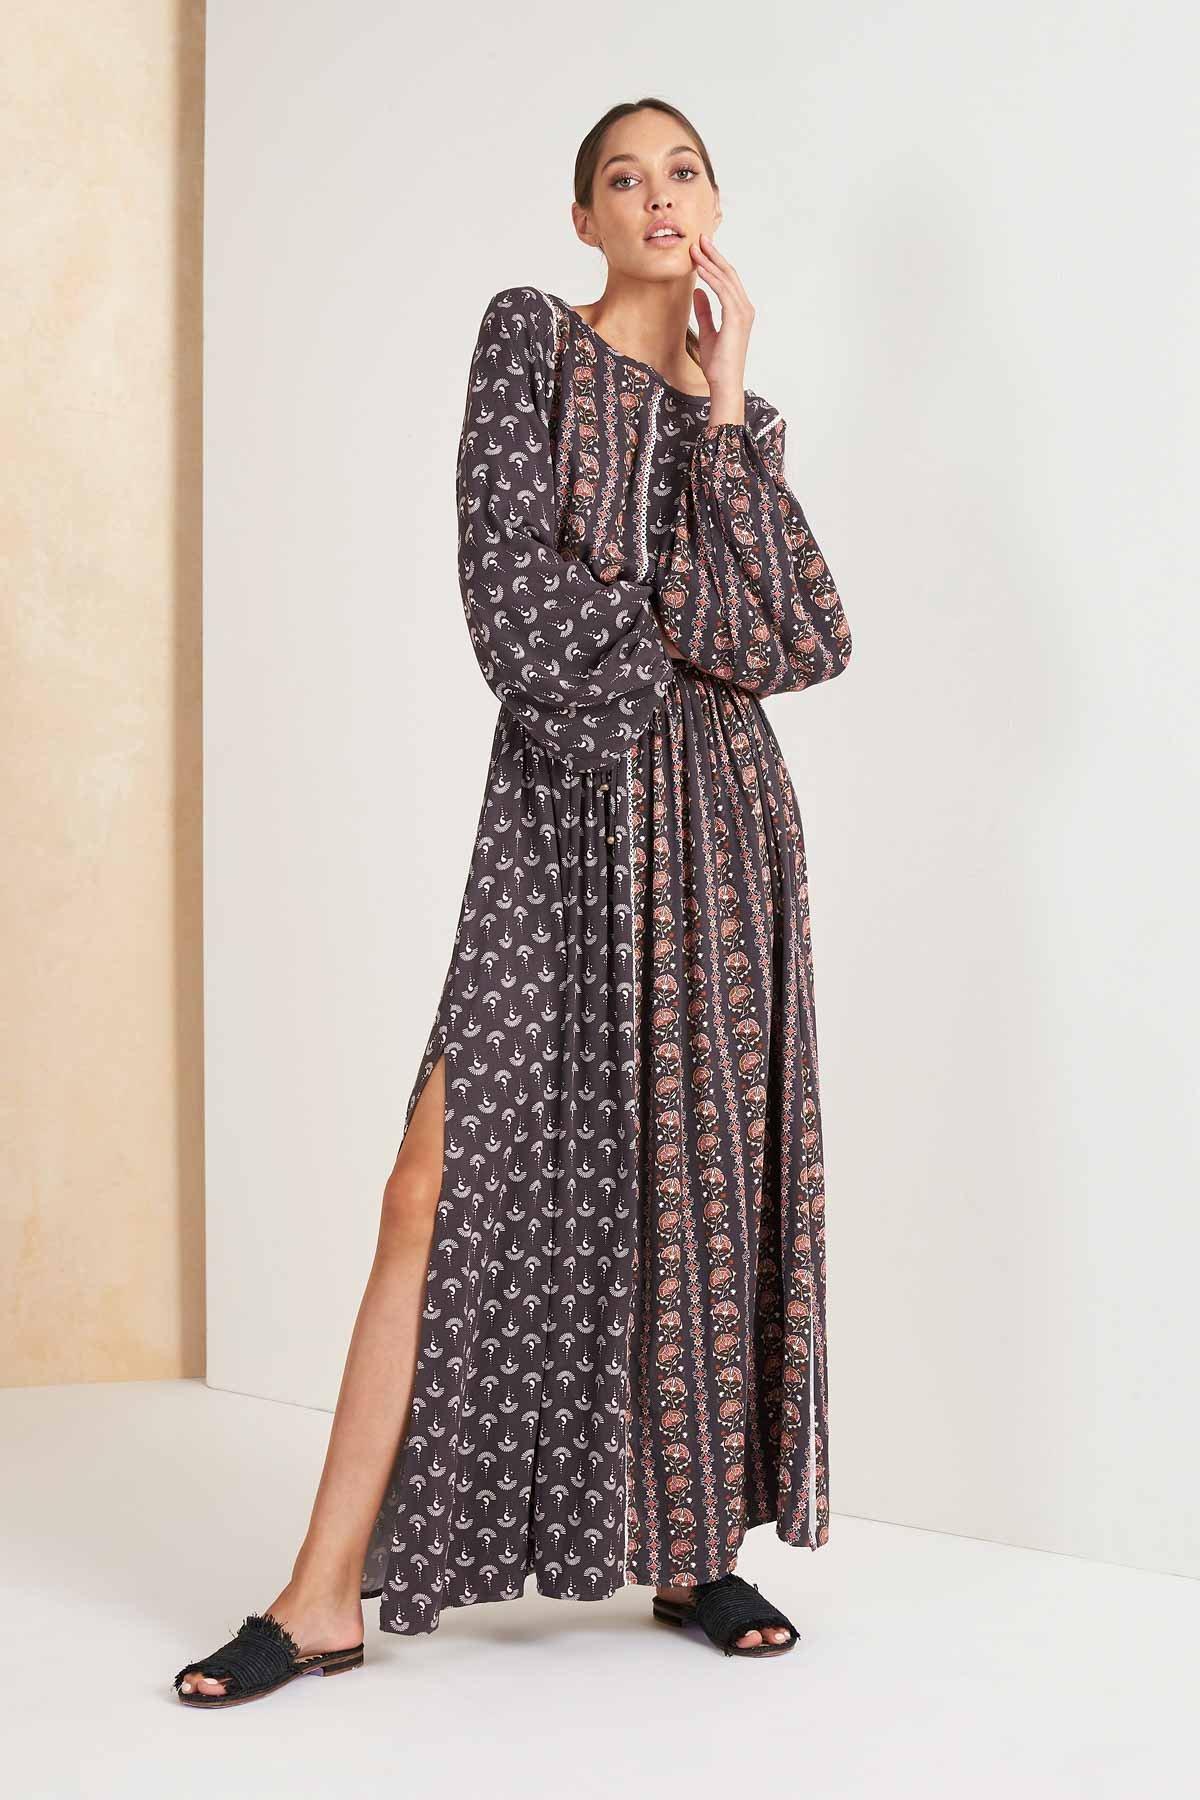 Image of Maripa Longsleeve Maxi Dress - Charcoal